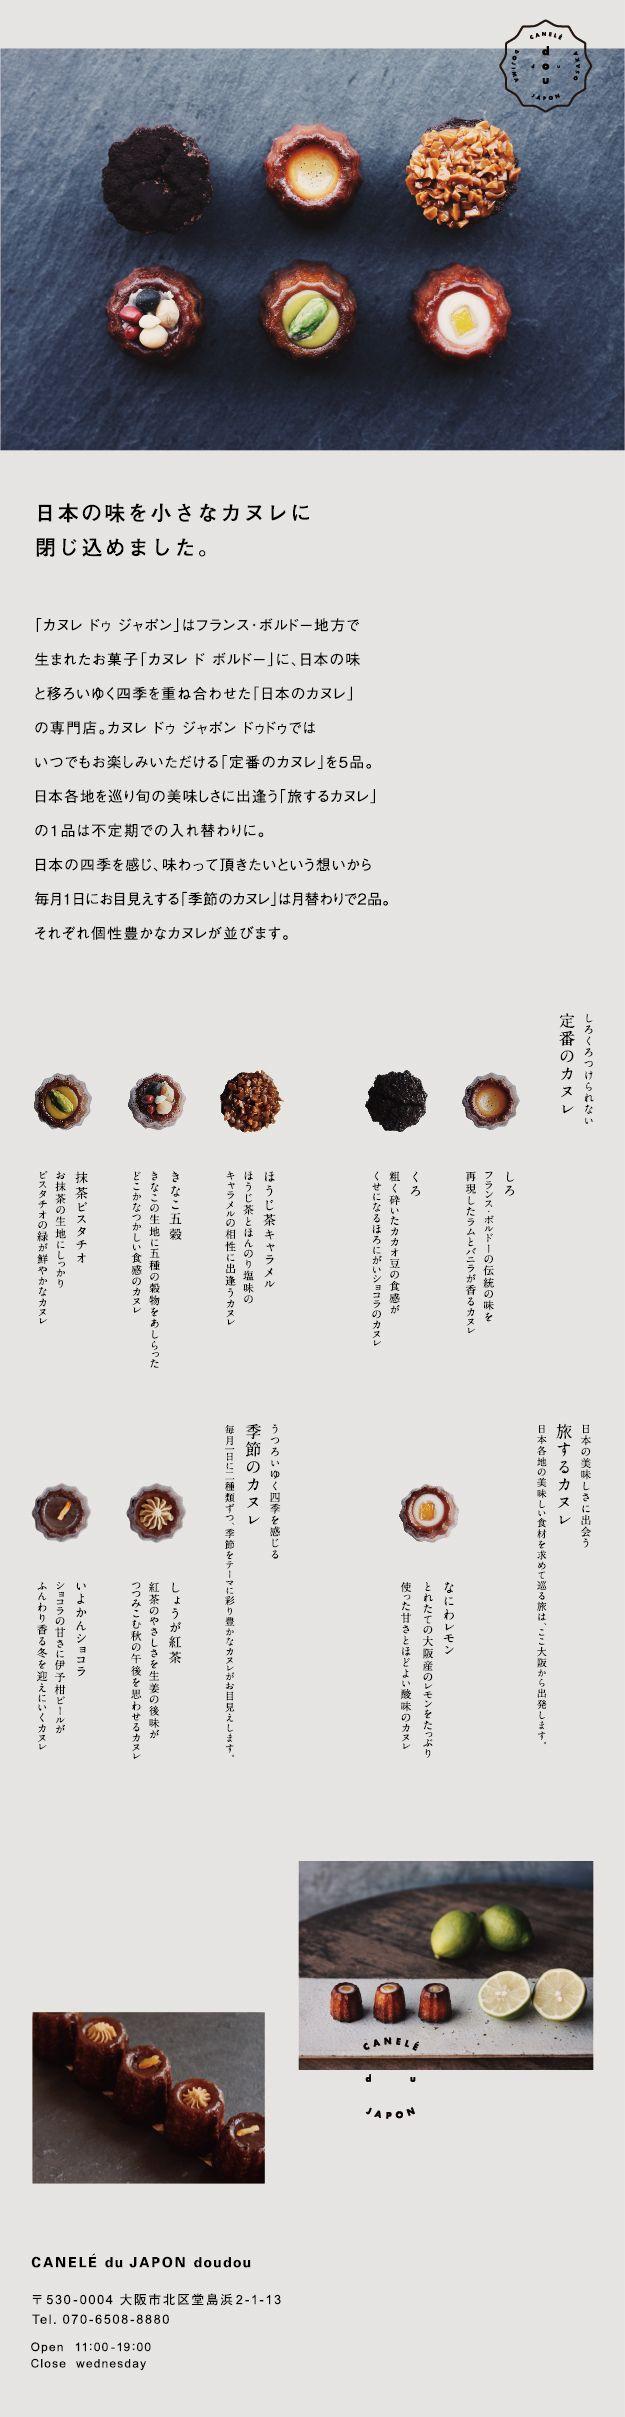 CANELE du JAPON doudou - カヌレ堂堂島店